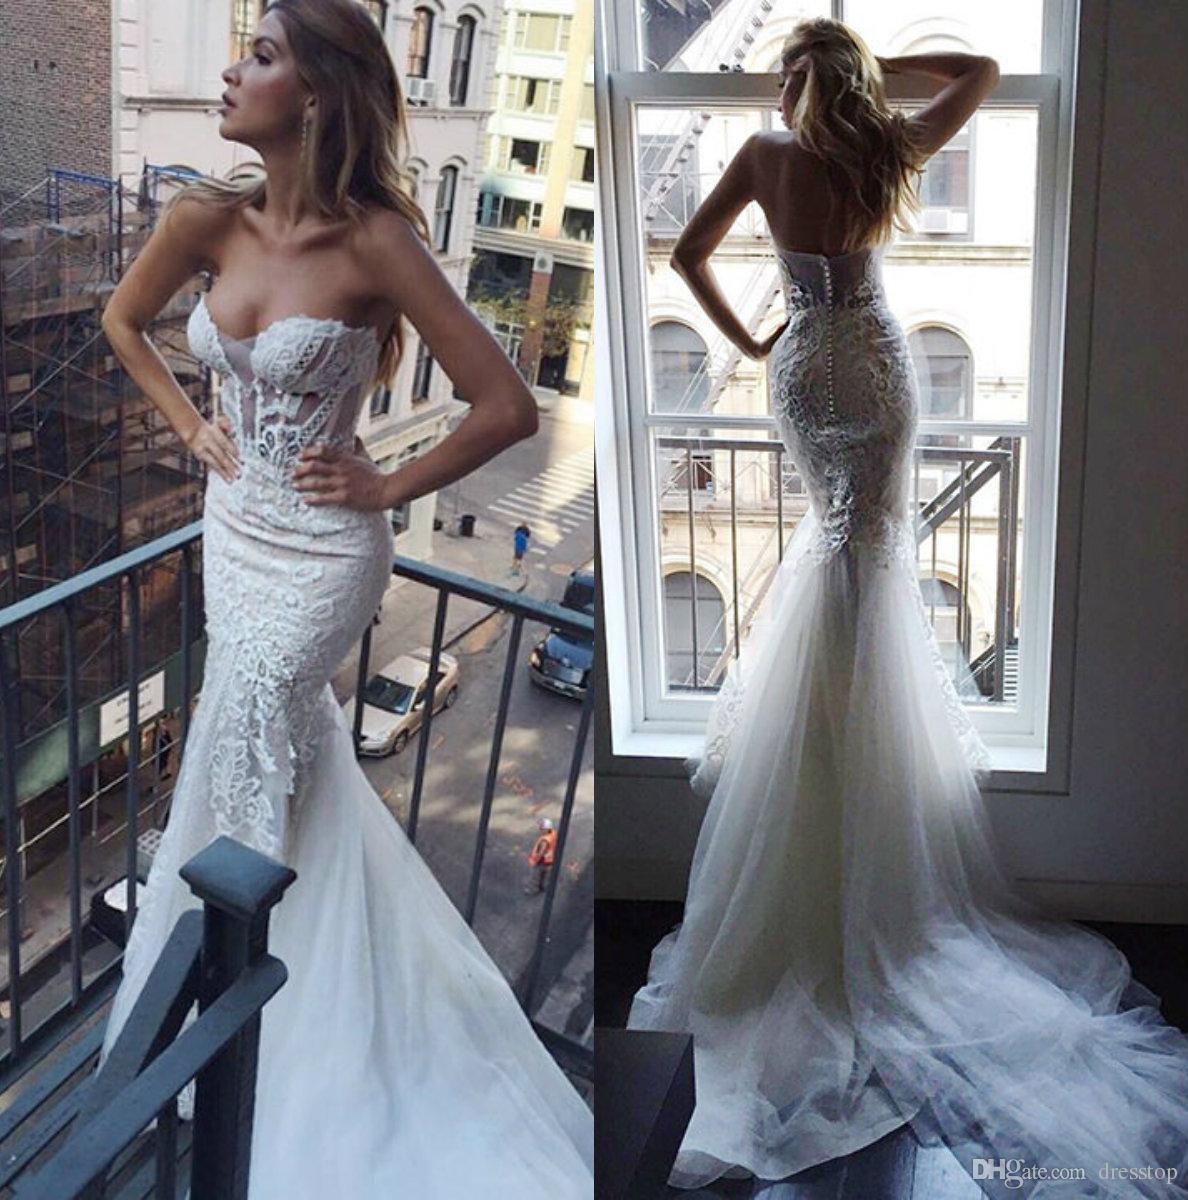 Pallas Couture Robes De Mariée Sirène 2019 Chérie Dos Nu Dentelle Robes De Mariée Plus La Taille Robe De Mariée Custom Made